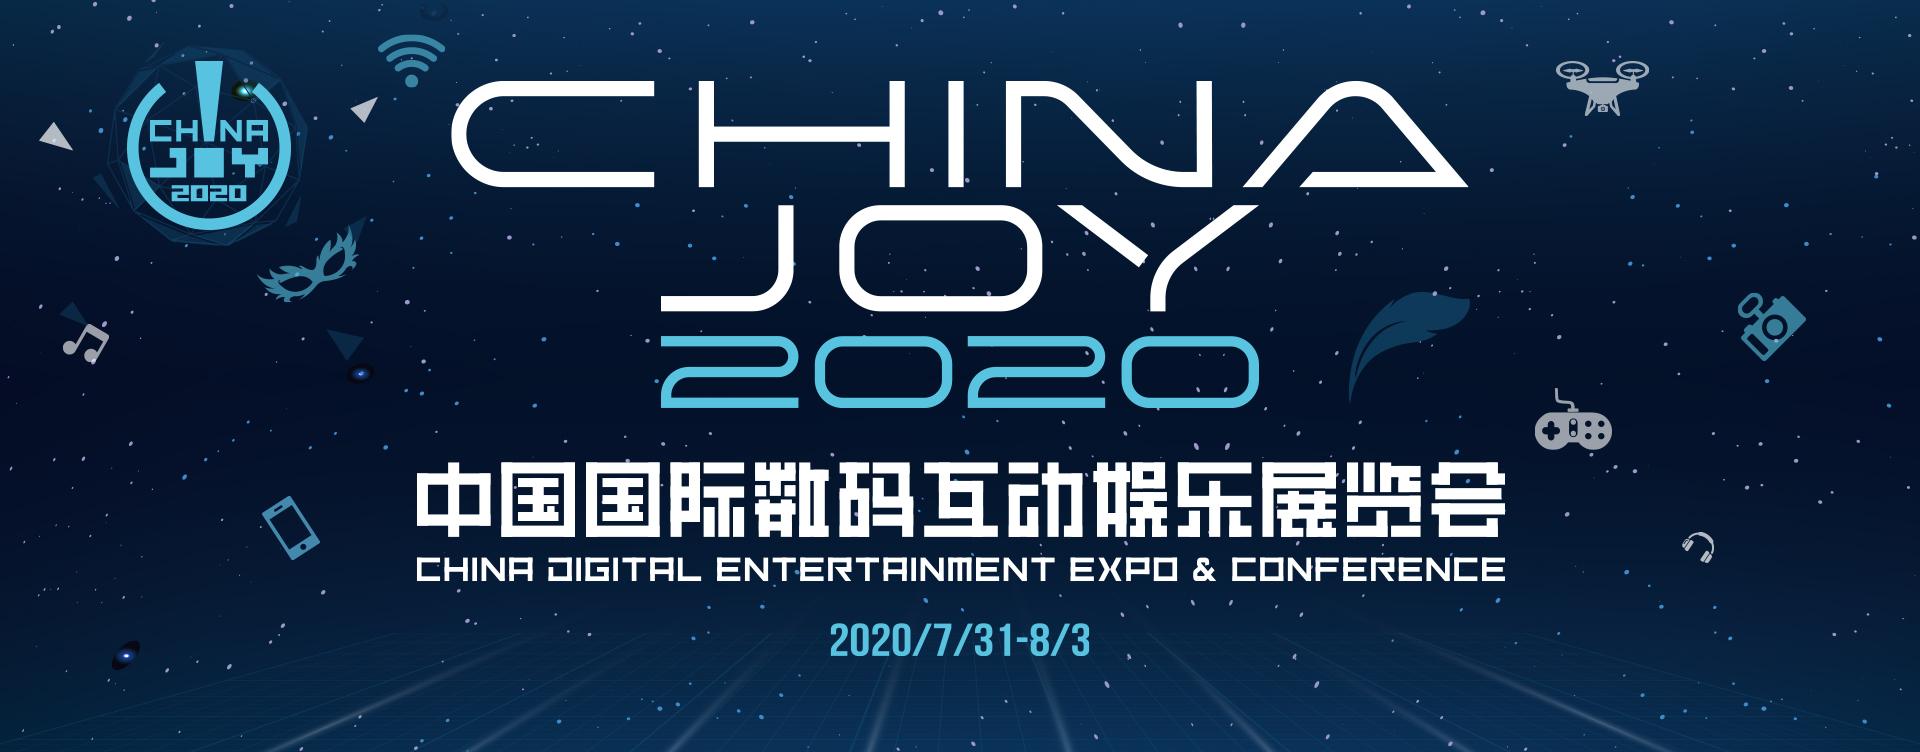 ChinaJoy2020-中國國際數碼互動娛樂展覽會